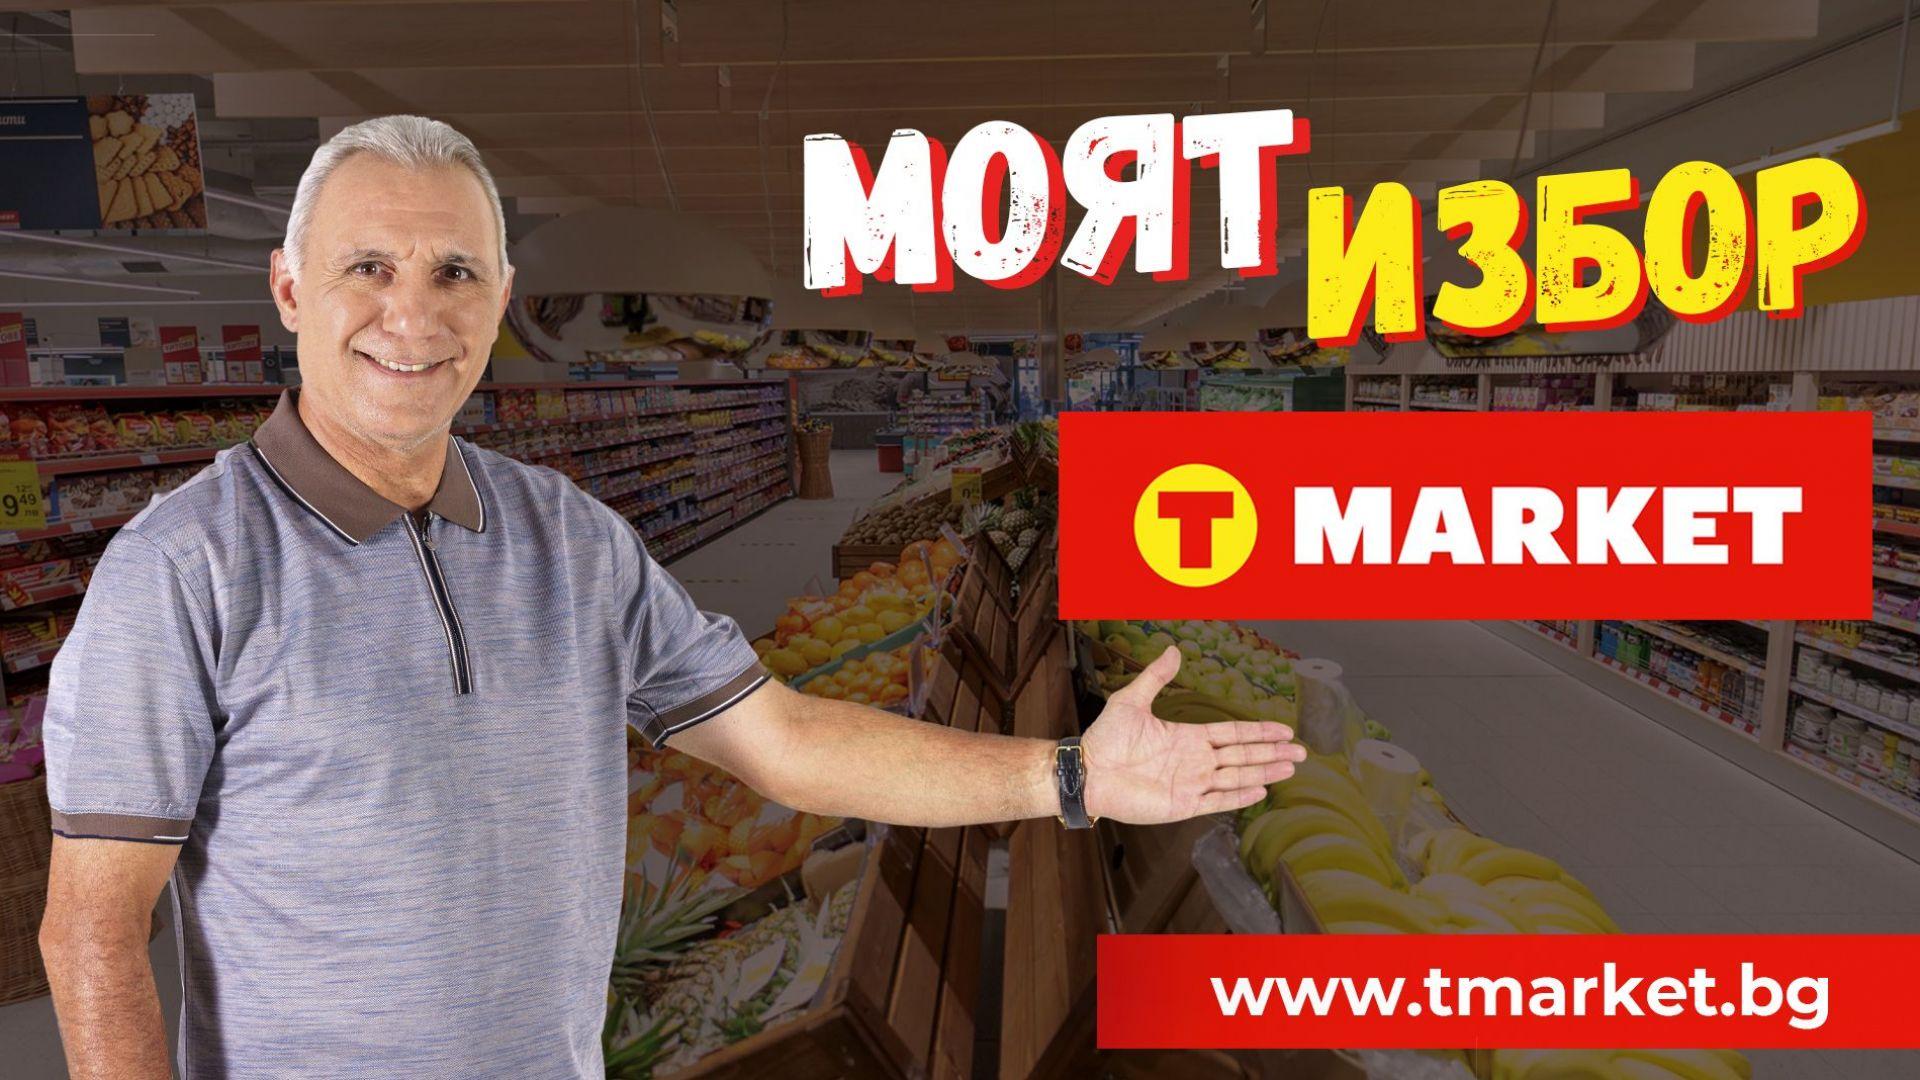 Христо Стоичков стана рекламно лице на T MARKET